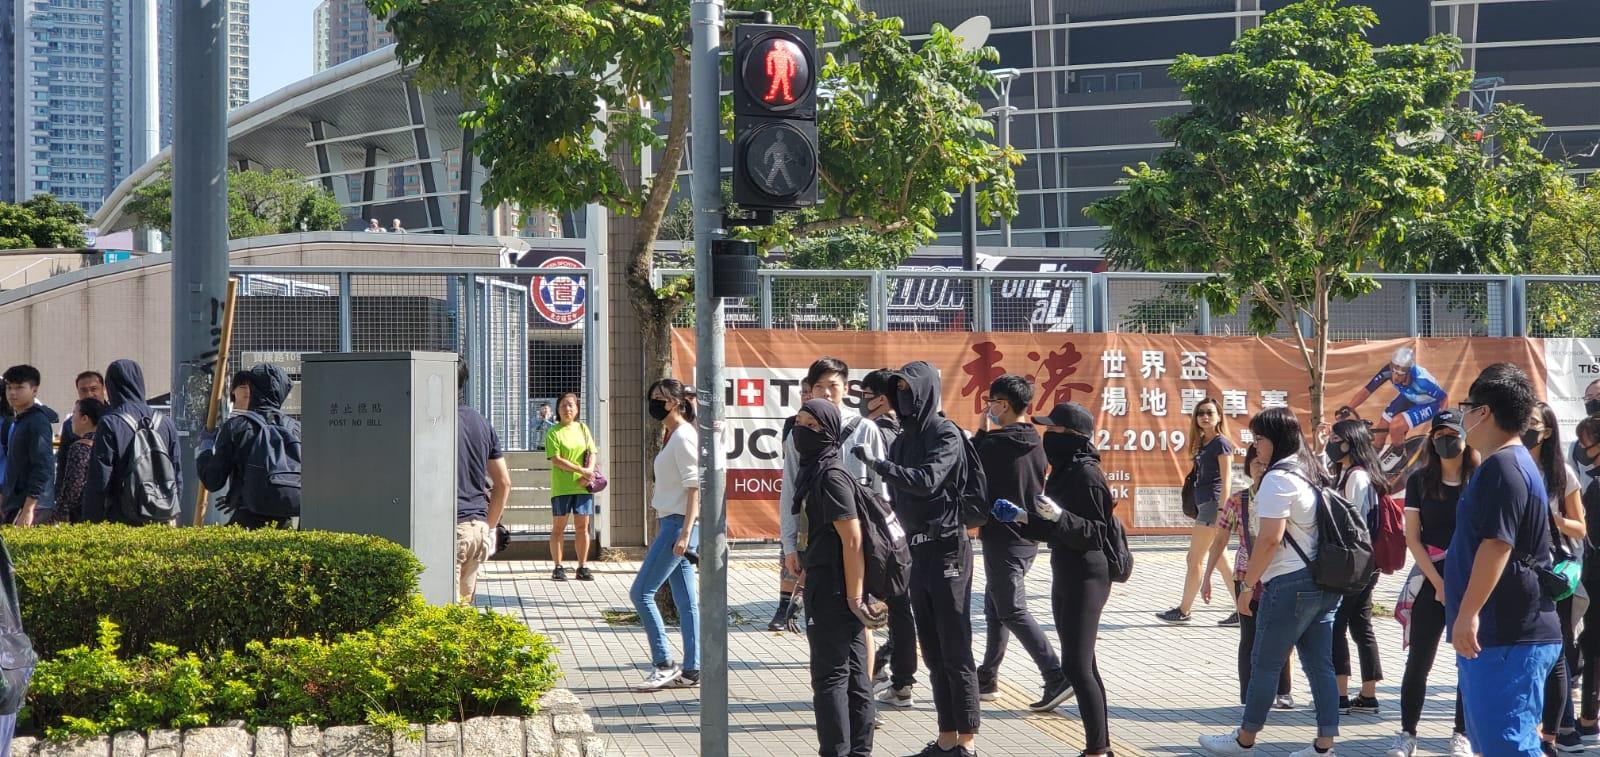 【大三罢】袭将军澳站多处堵路 市民移走路障时发生争执